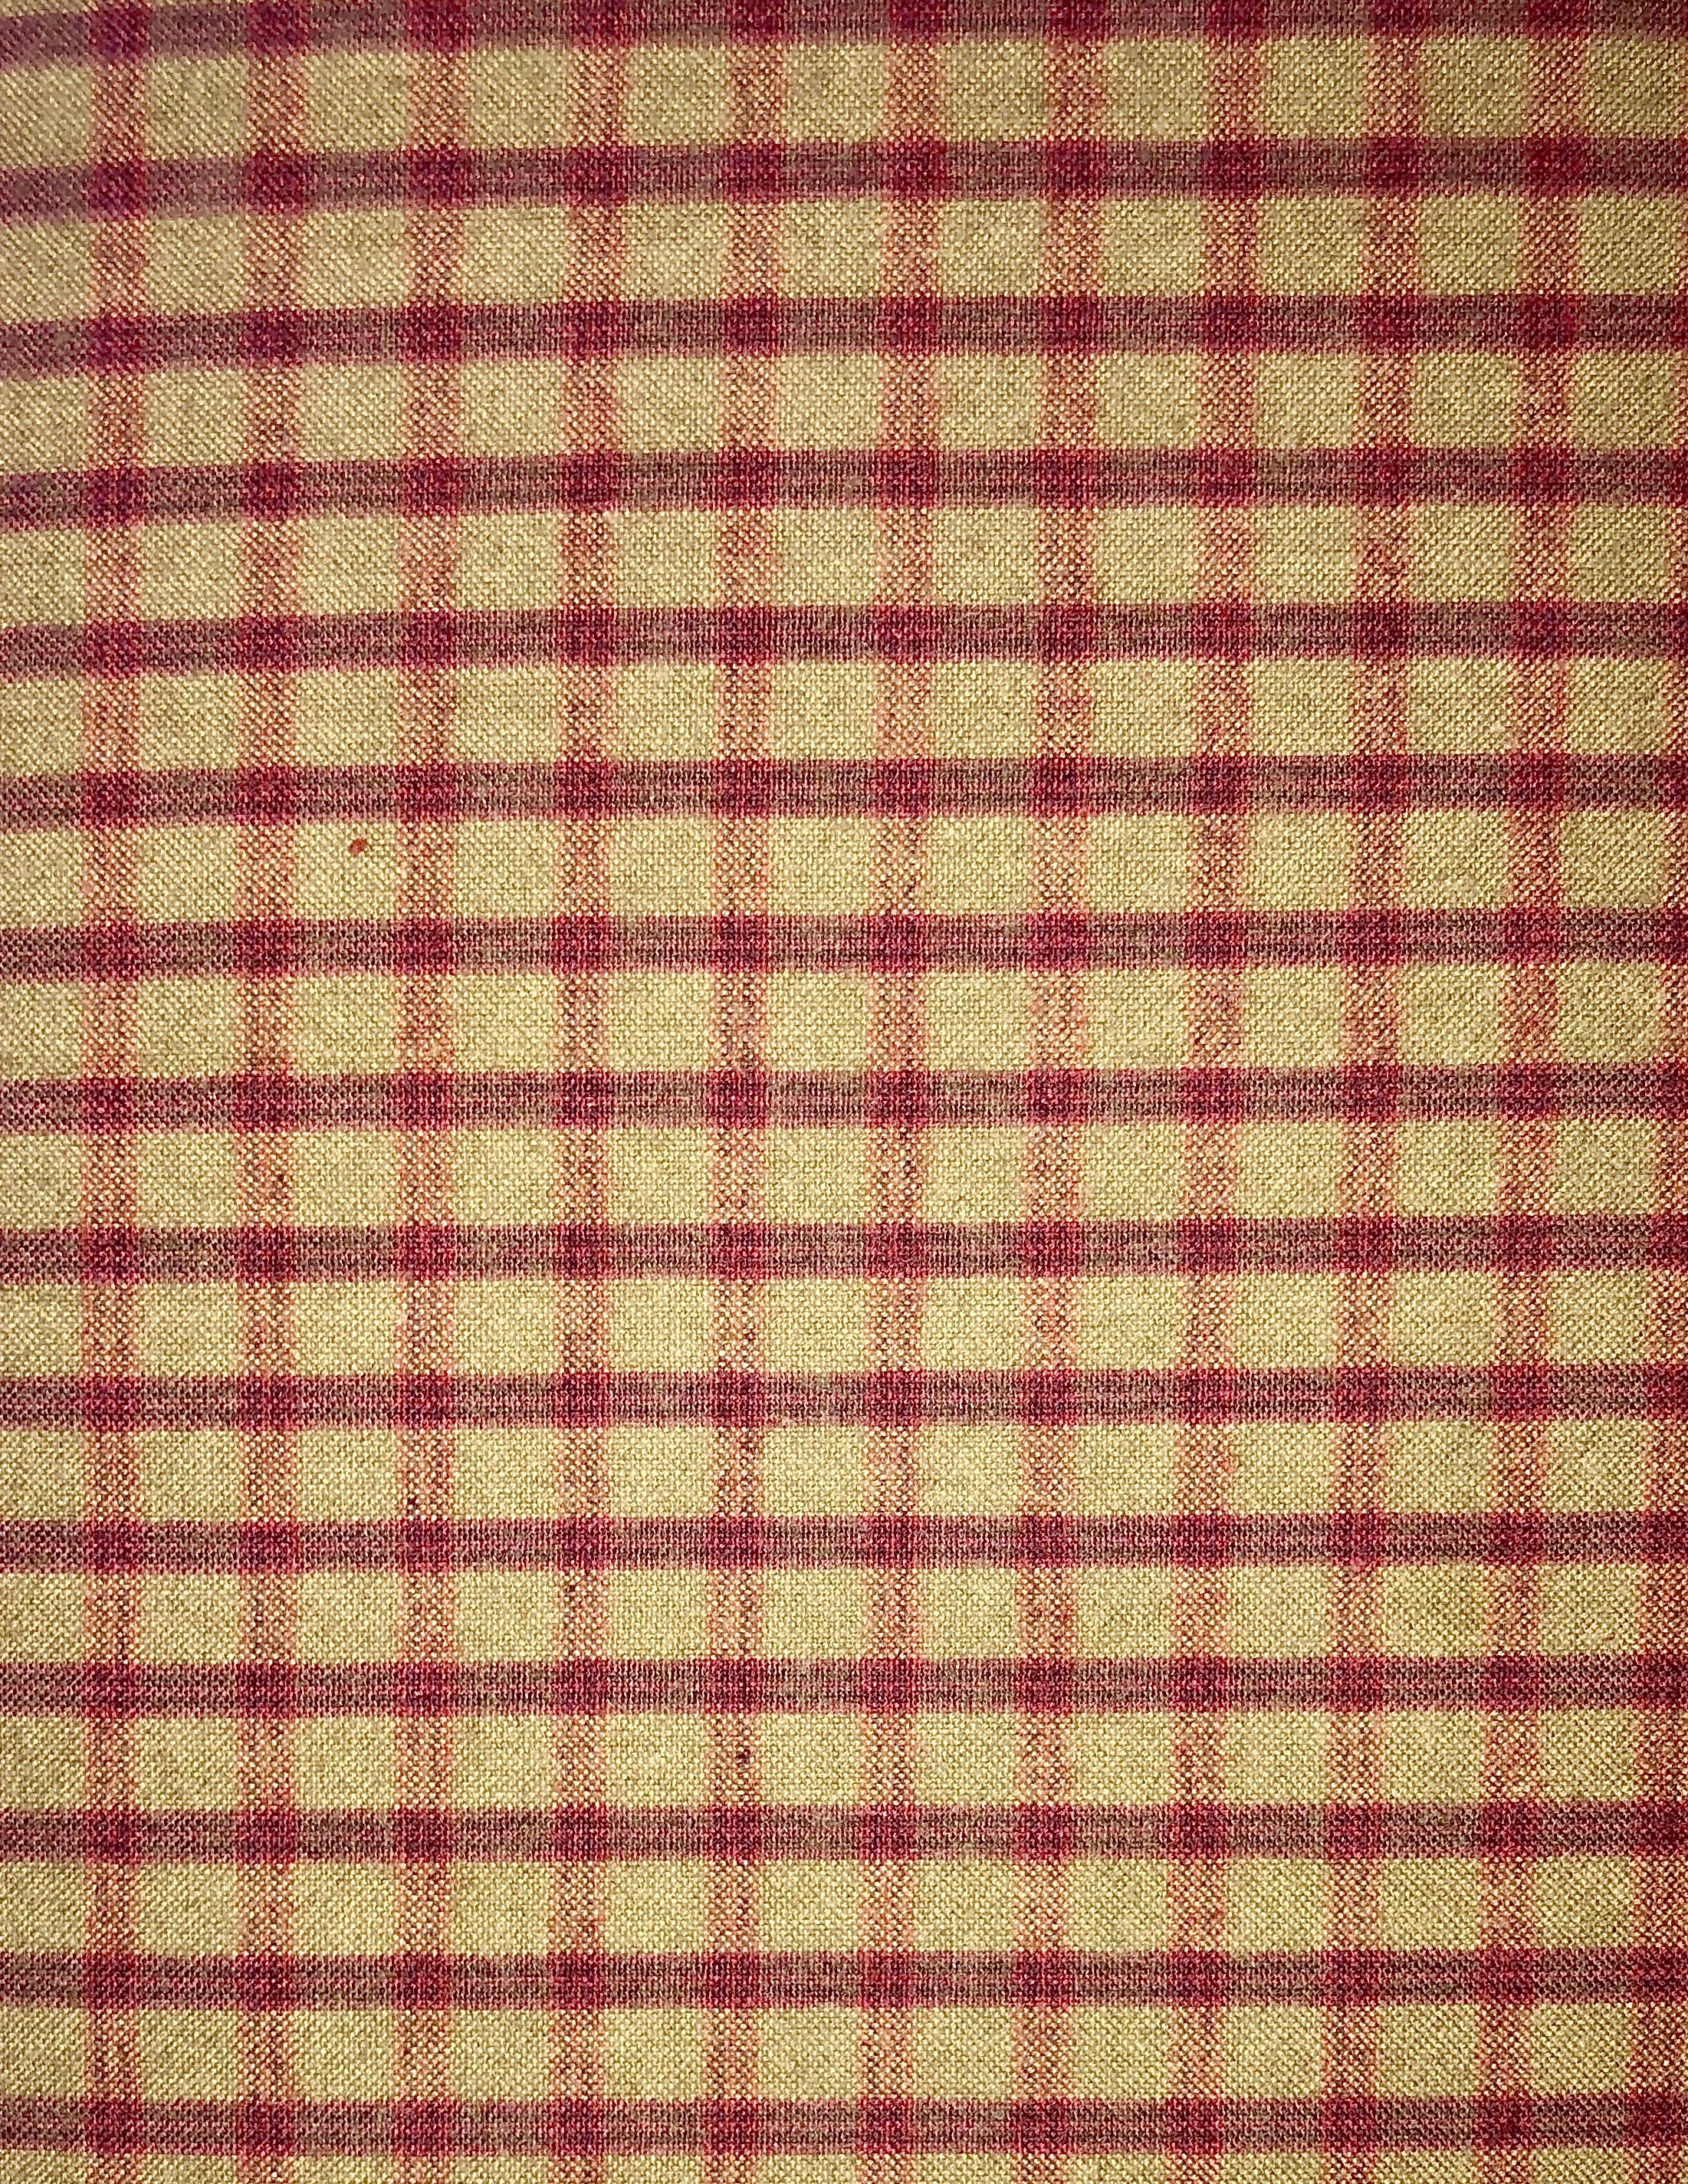 Yarn Dyed Flannel - Tan & Magenta Plaid - 1/2m cut 55170